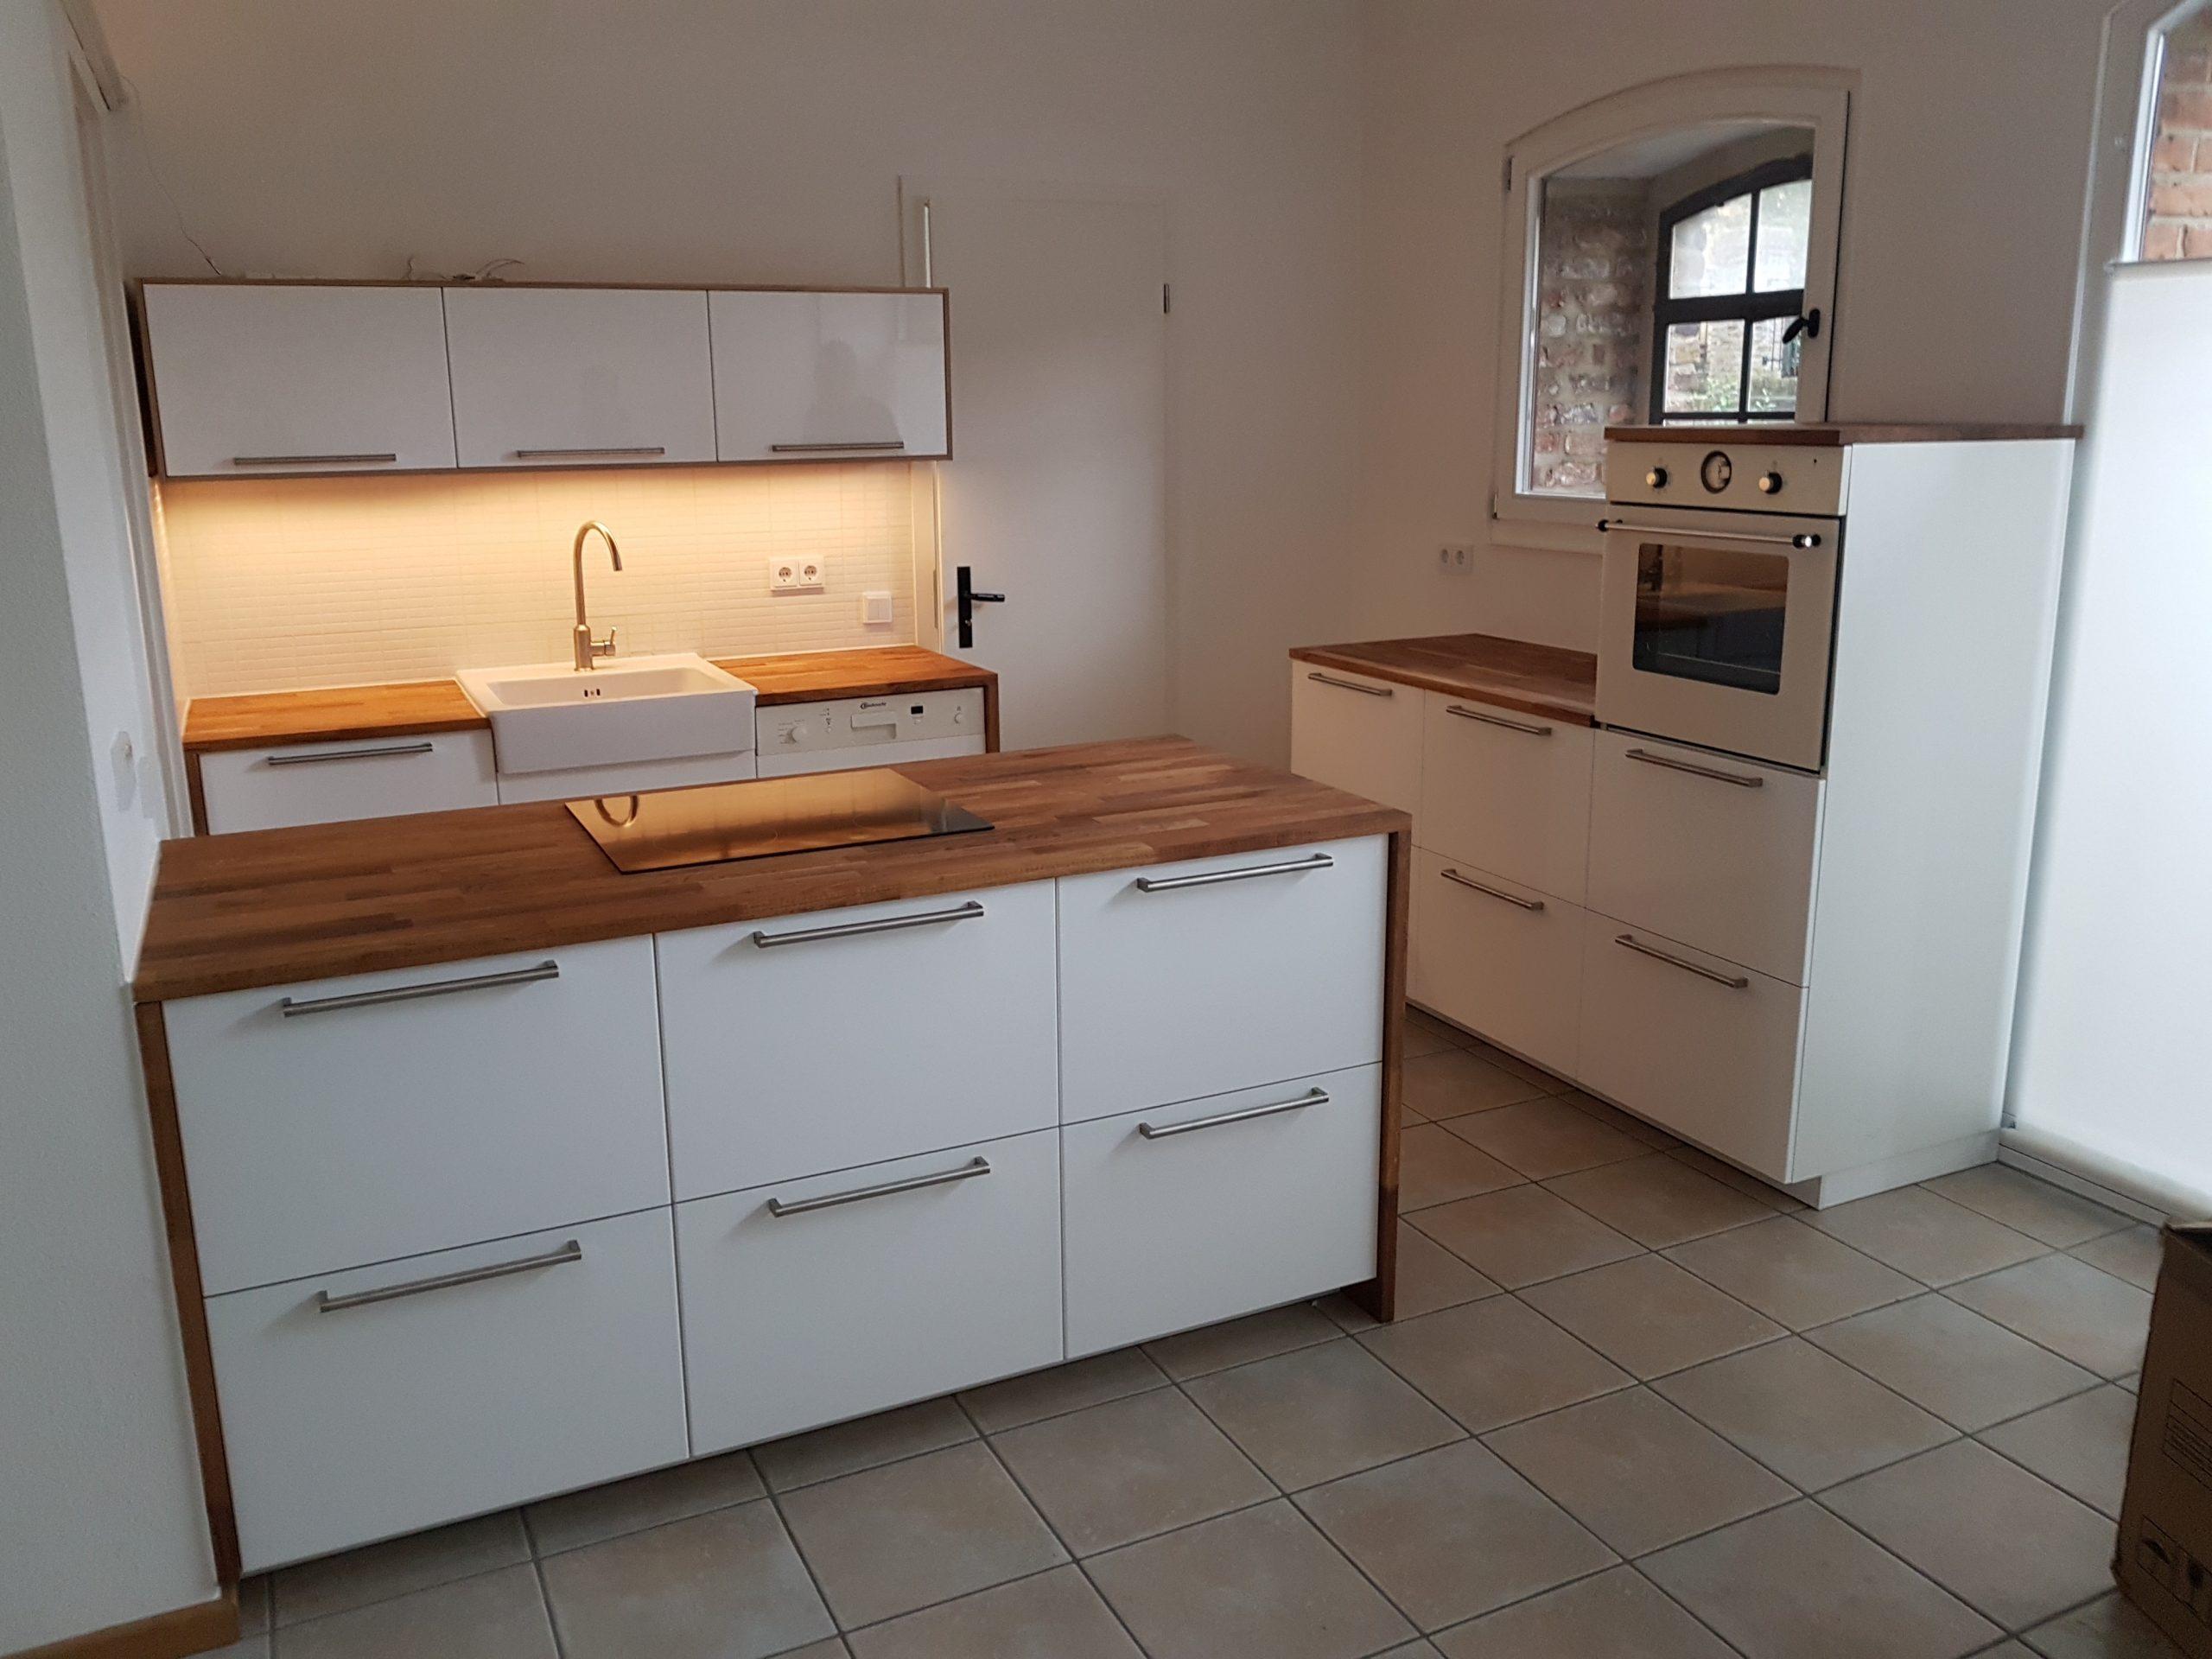 Full Size of Ikea Miniküche Betten 160x200 Bei Küche Kosten Küchen Regal Modulküche Sofa Mit Schlaffunktion Kaufen Wohnzimmer Ikea Küchen